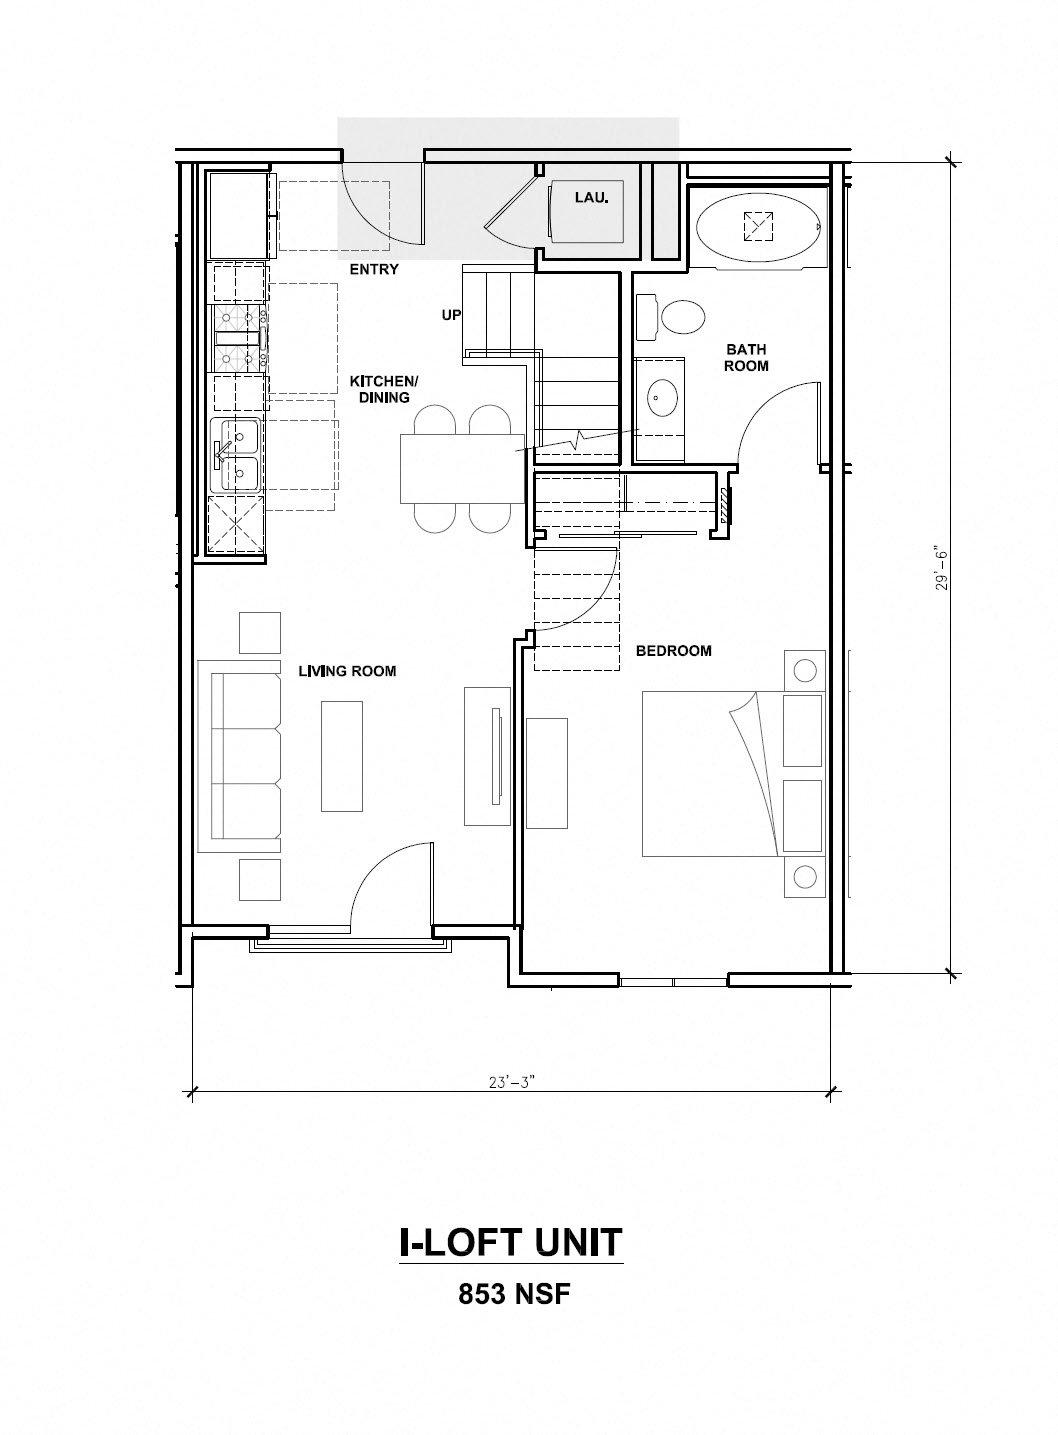 Mira, I-Loft Unit, 1x1, 853 sf